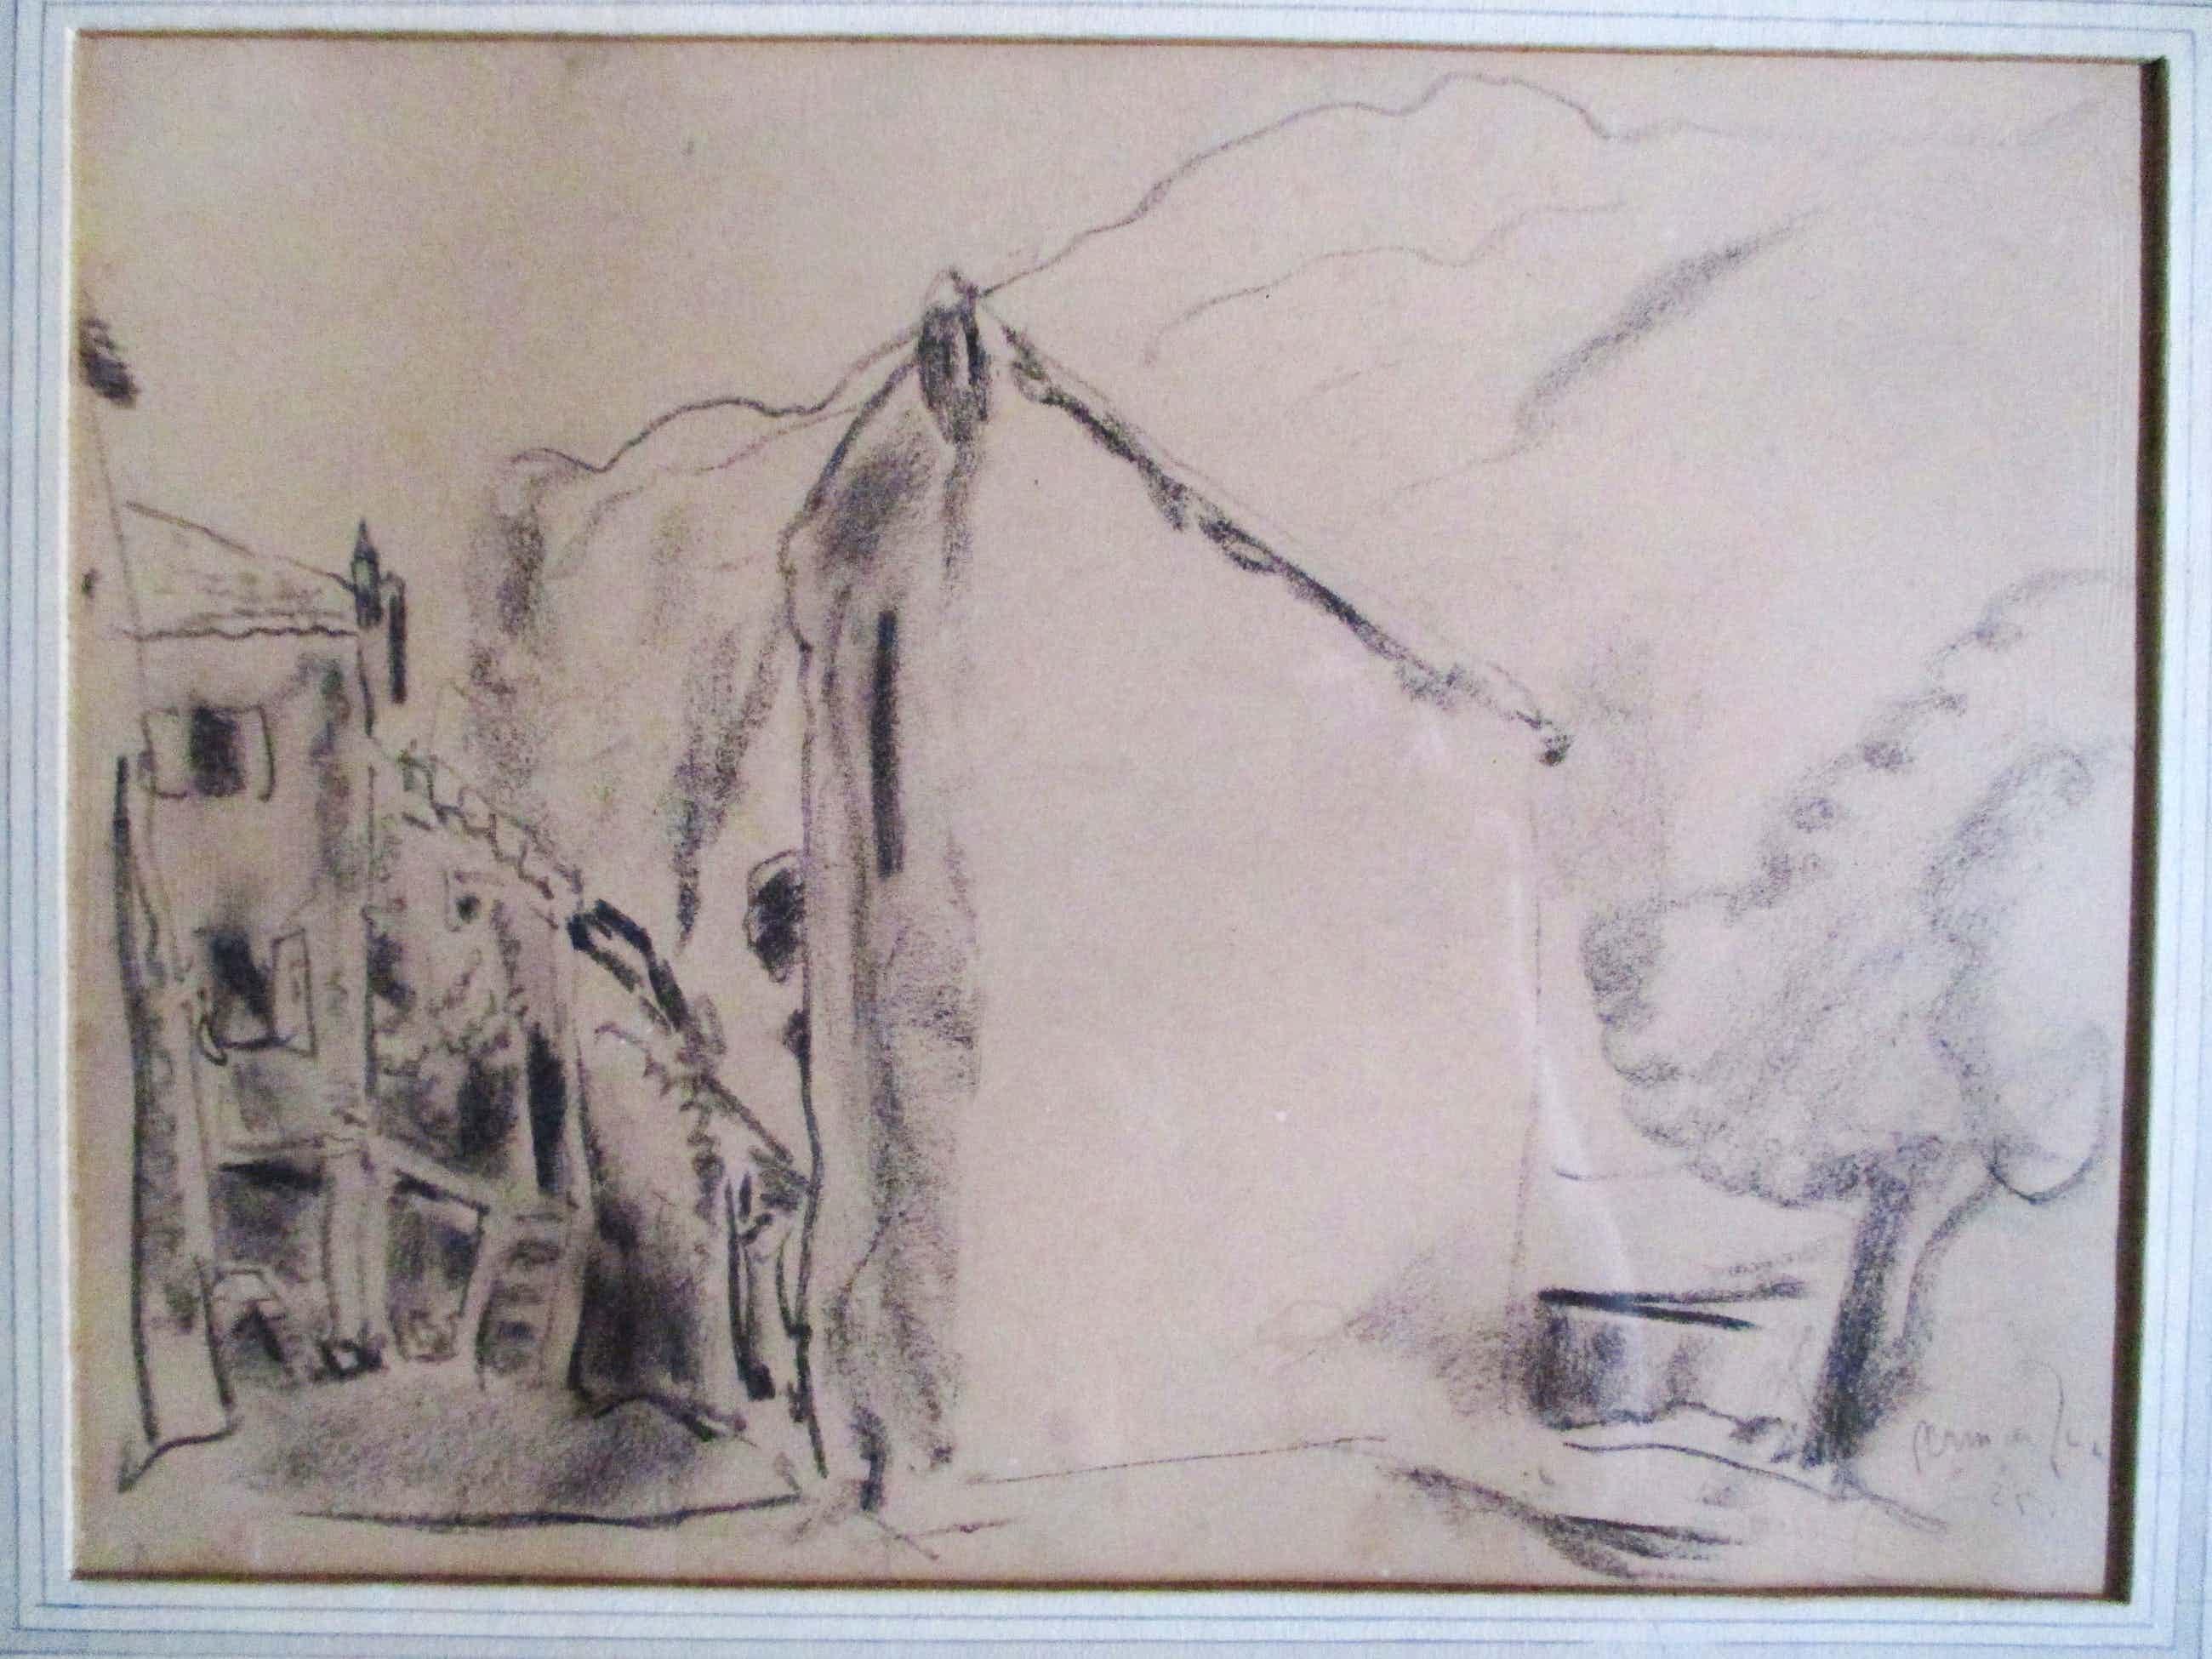 Germ de Jong - Ingelijste tekening 1925 kopen? Bied vanaf 60!